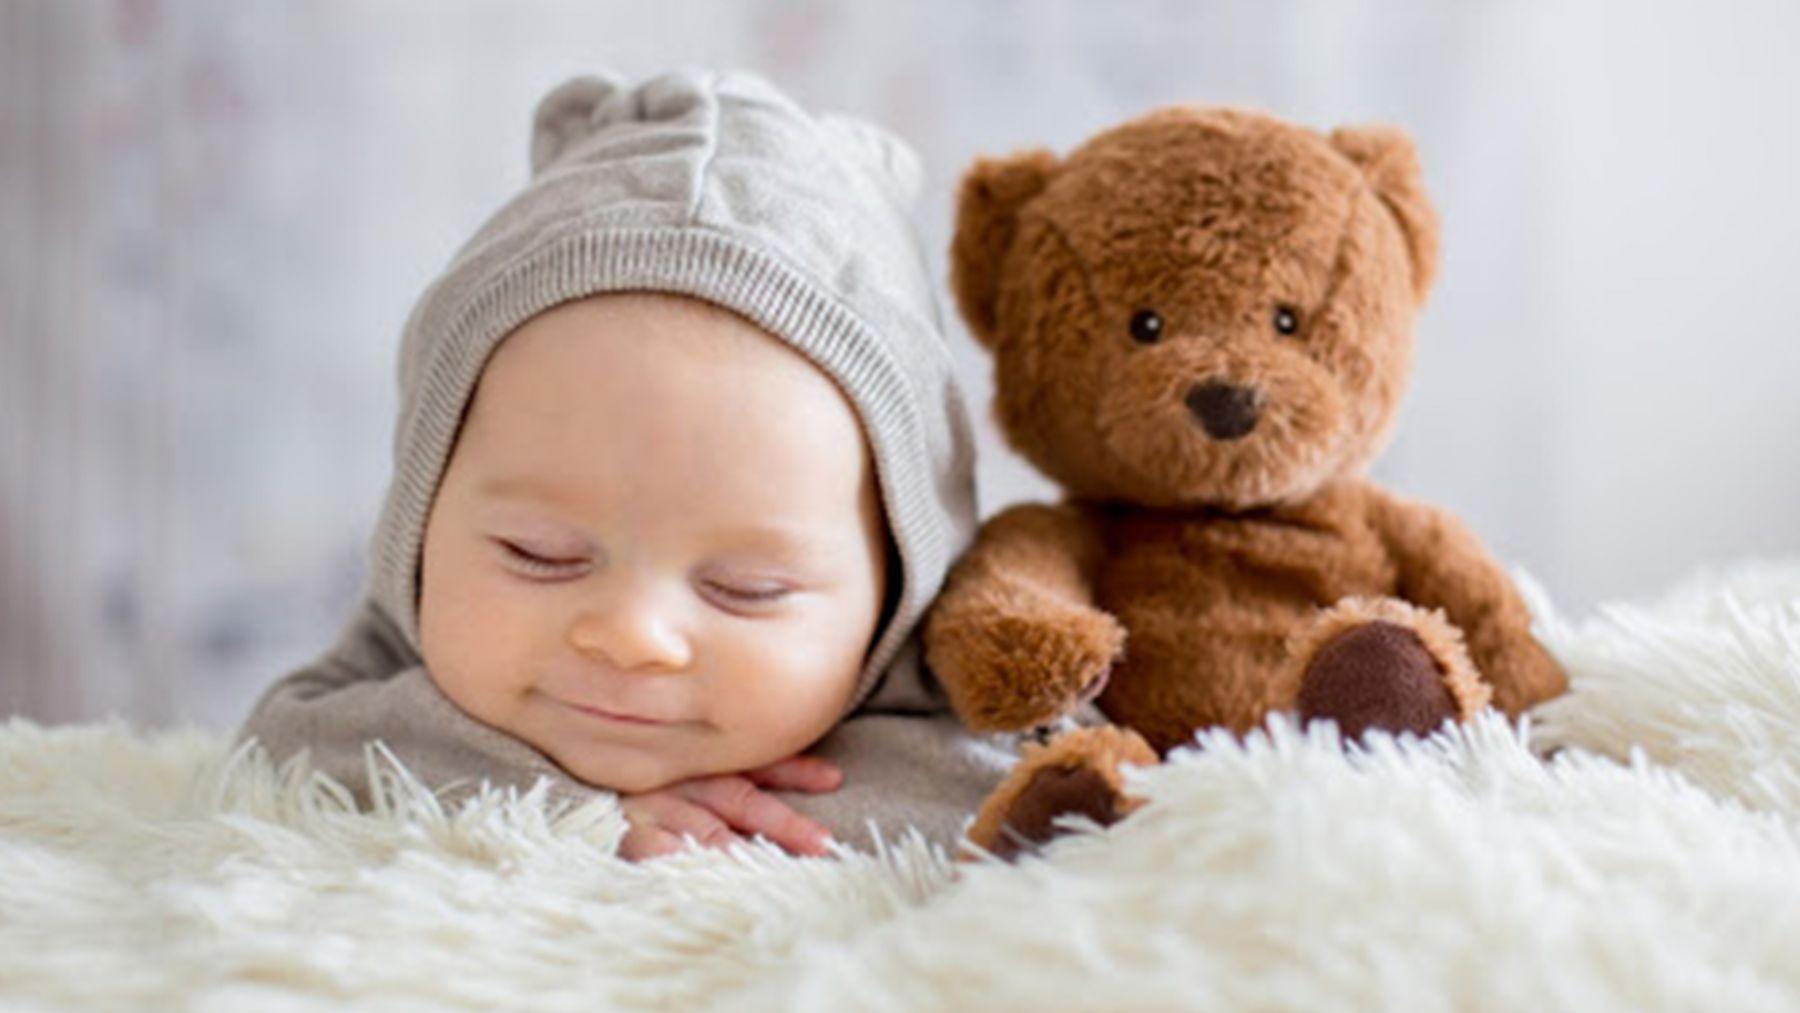 Descubre los mejores nombres de bebé que son elegantes y clásicos